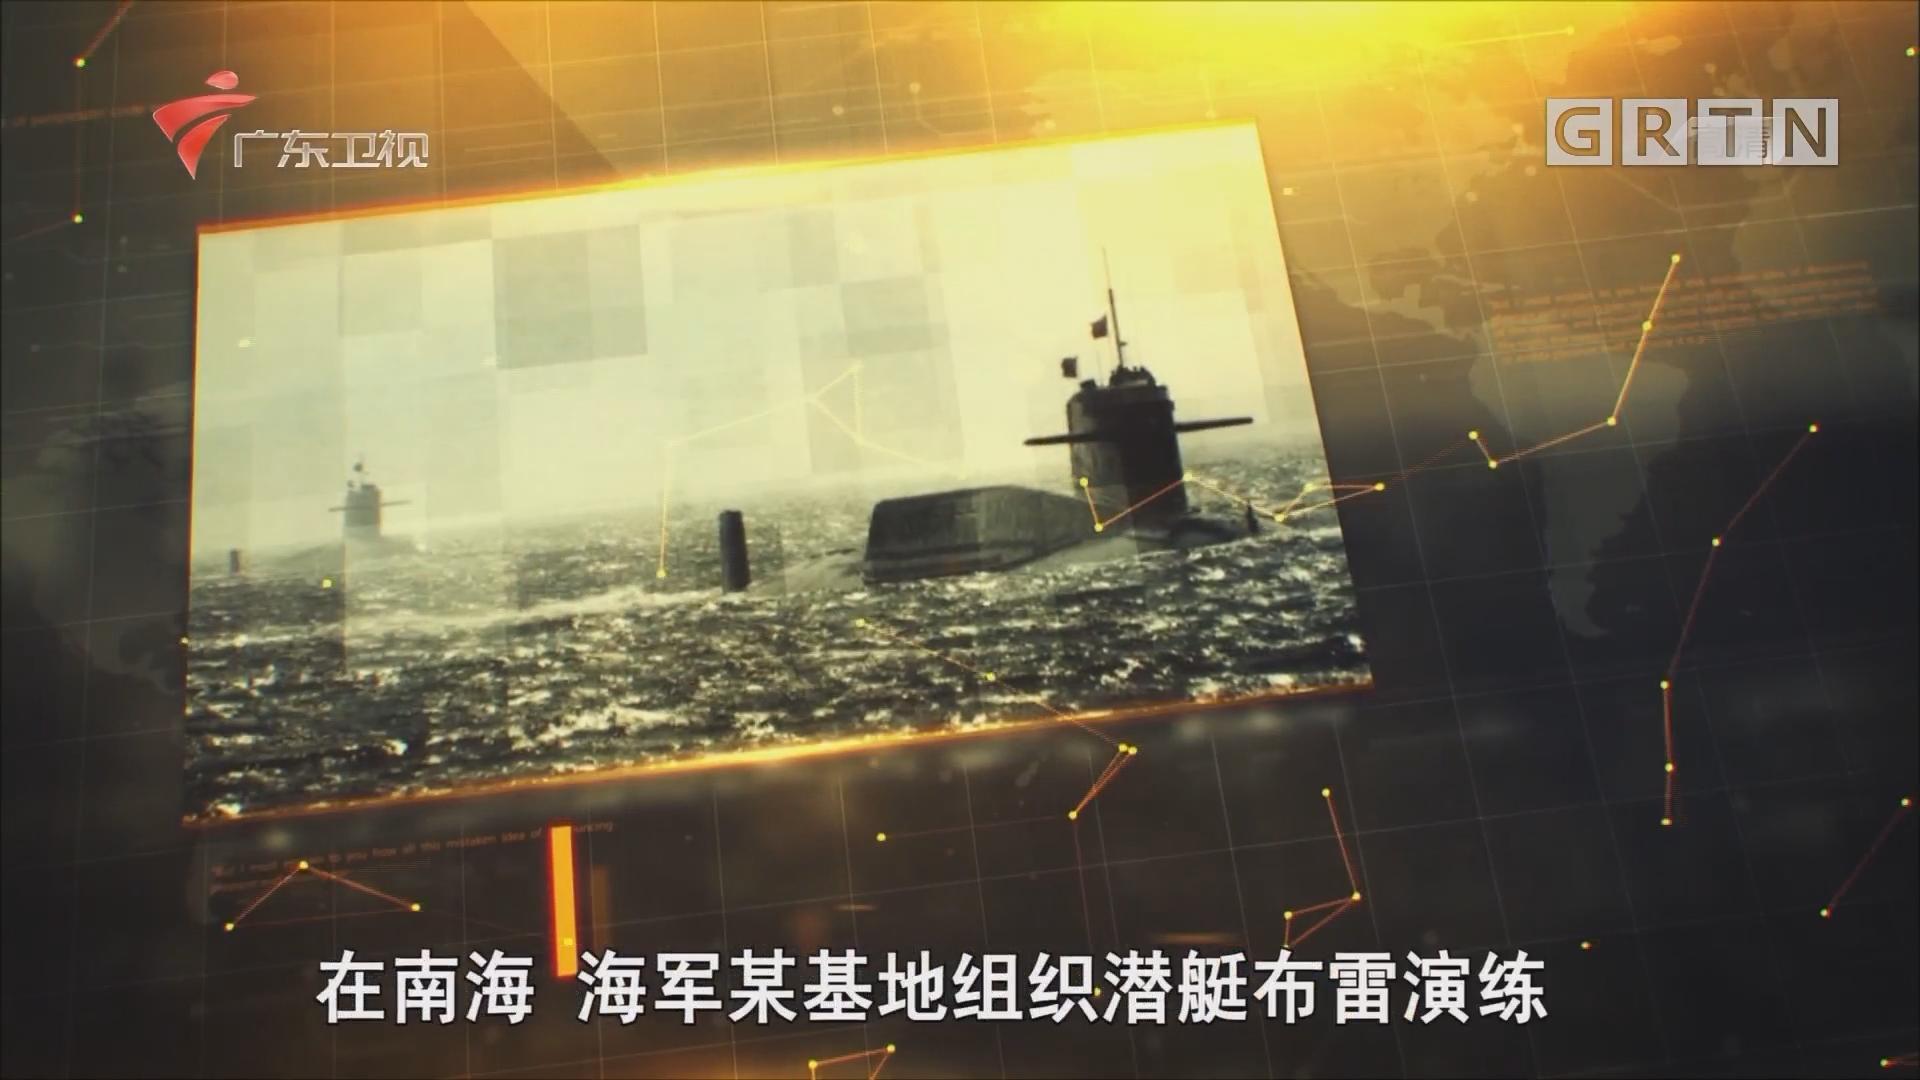 [HD][2017-12-24]全球零距离:盘点2017中国军事成就